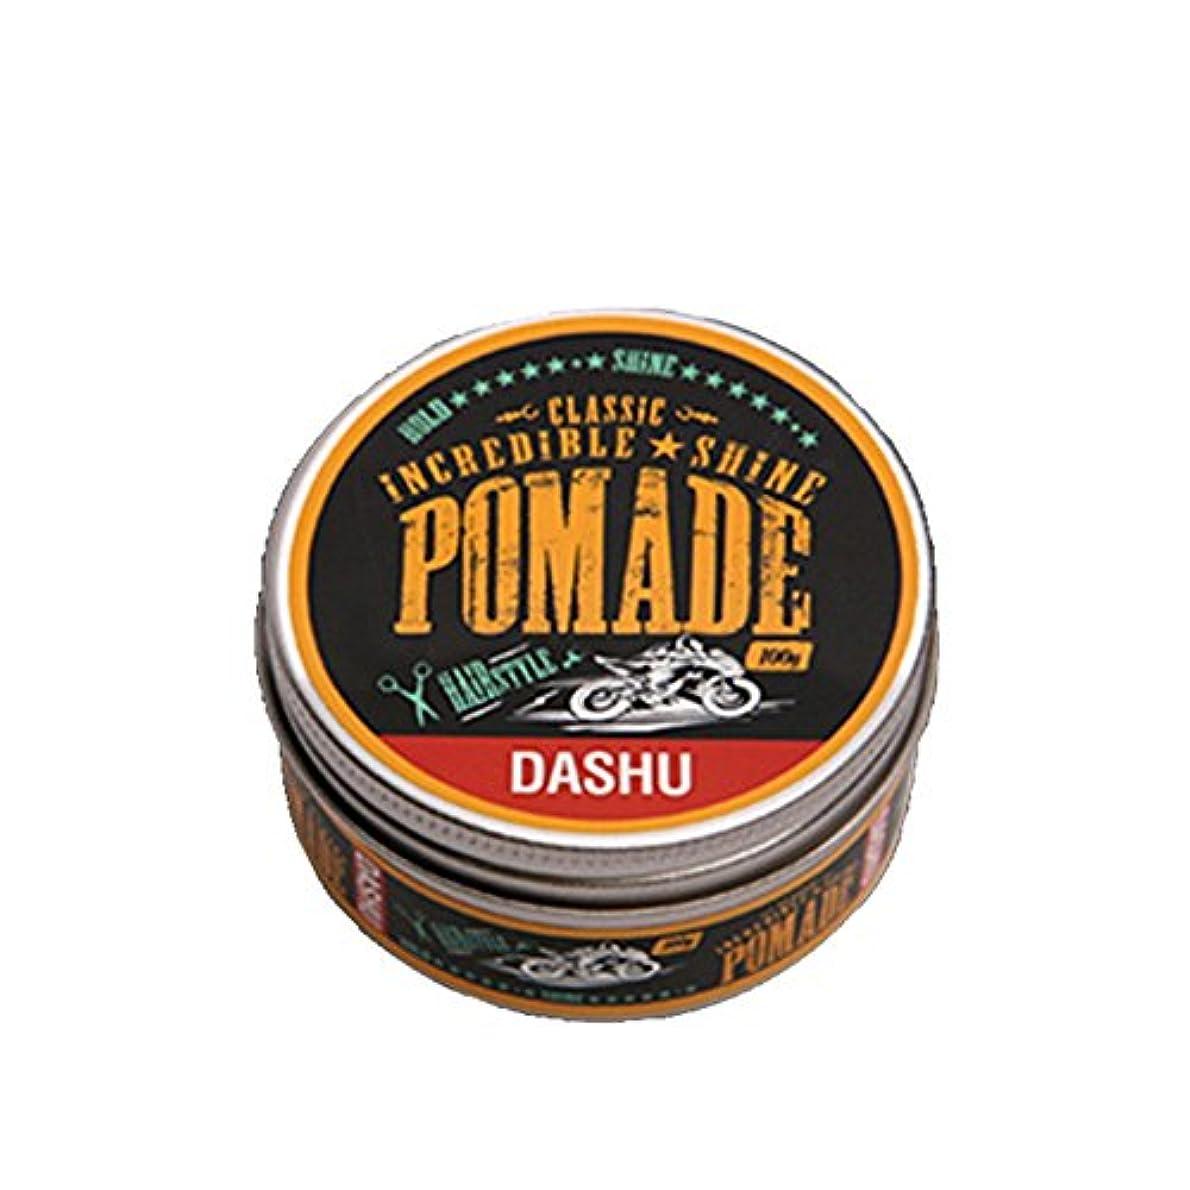 外交官聖職者塊[DASHU] ダシュ クラシック 信じられないほどの輝き ポマードワックス Classic Incredible Shine Pomade Hair Wax 100ml / 韓国製 . 韓国直送品